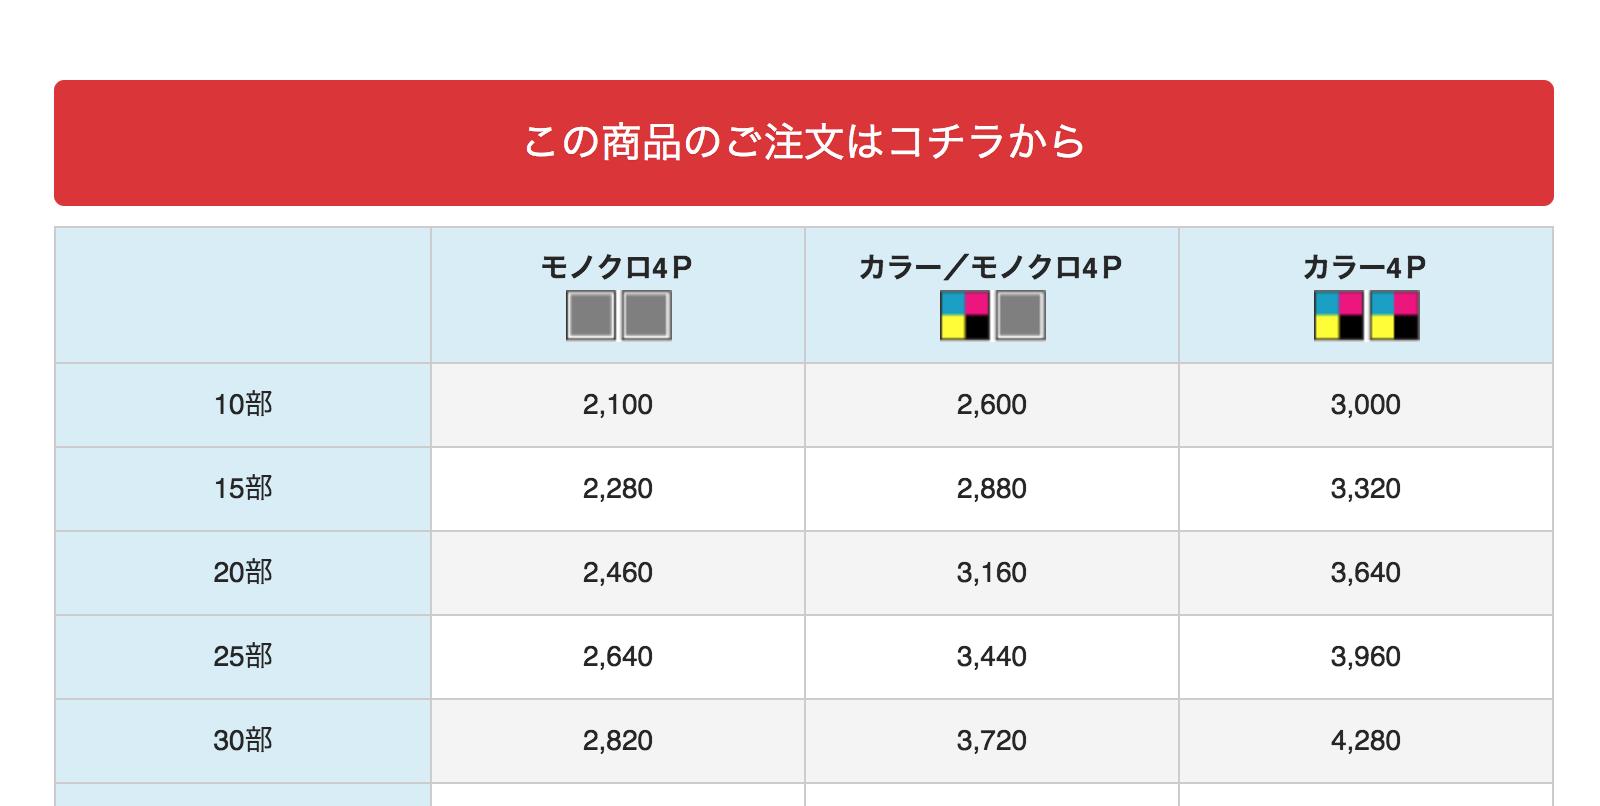 リーフレット価格表